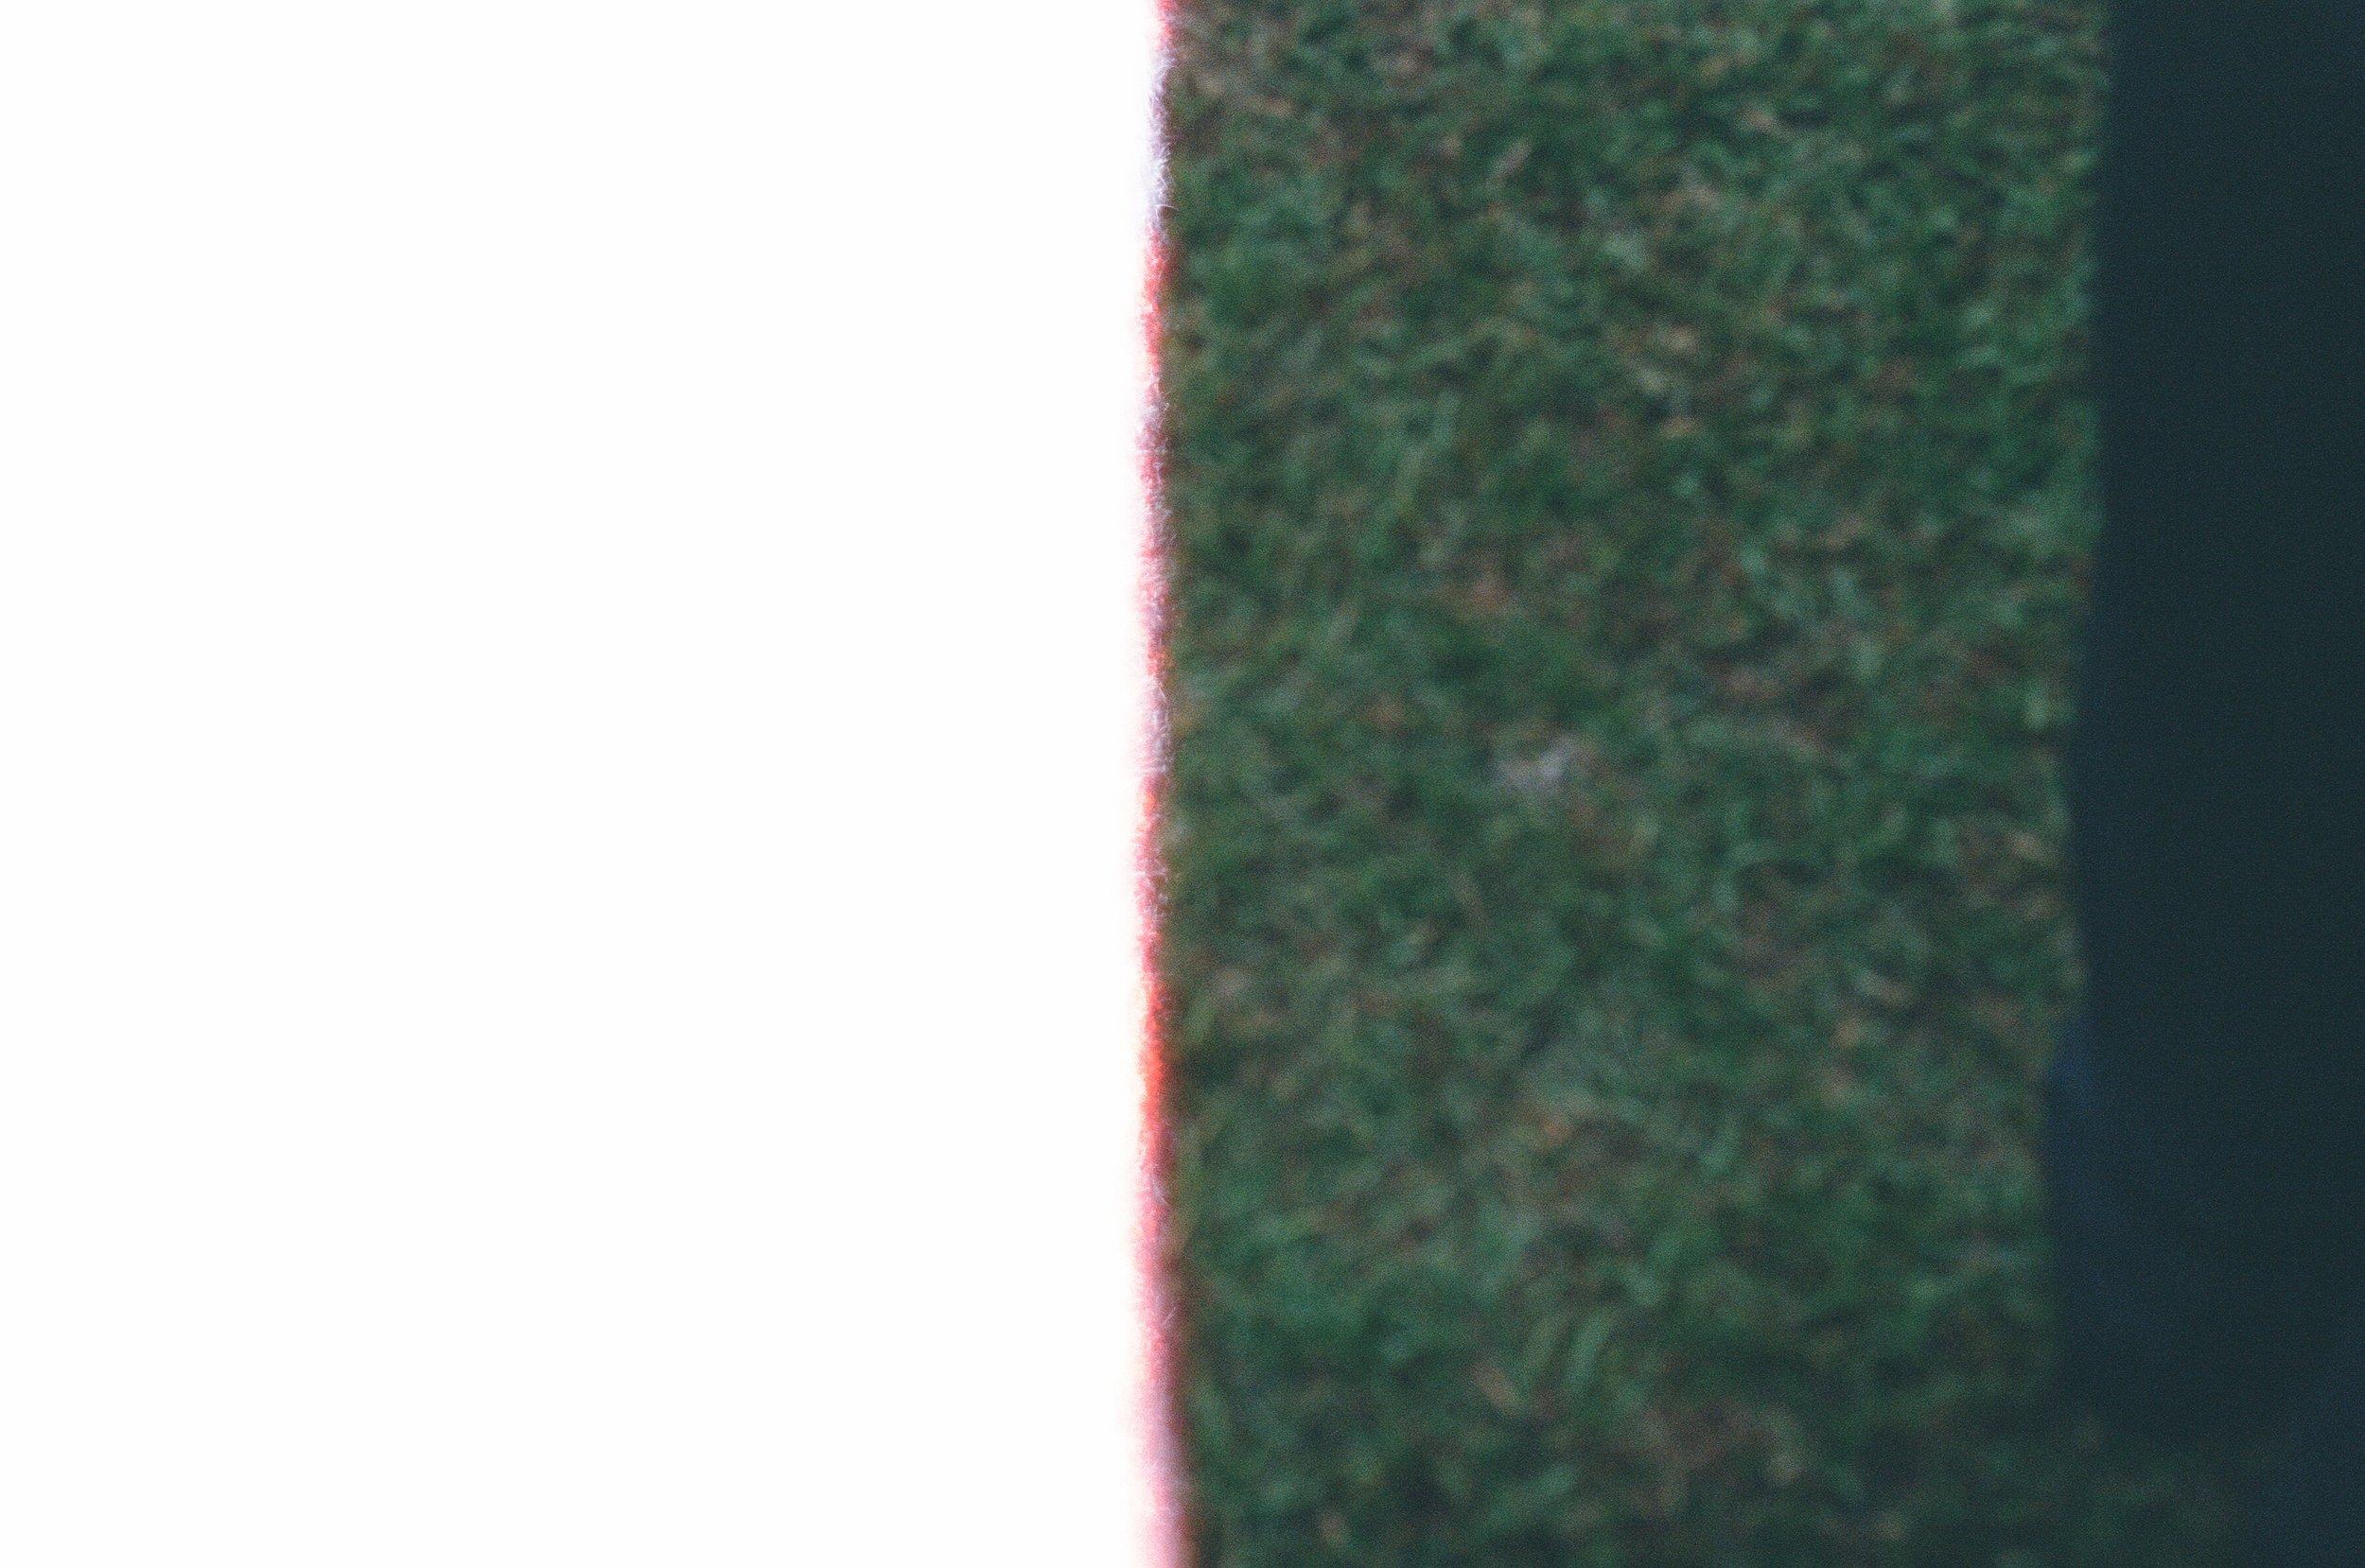 02520001.JPG